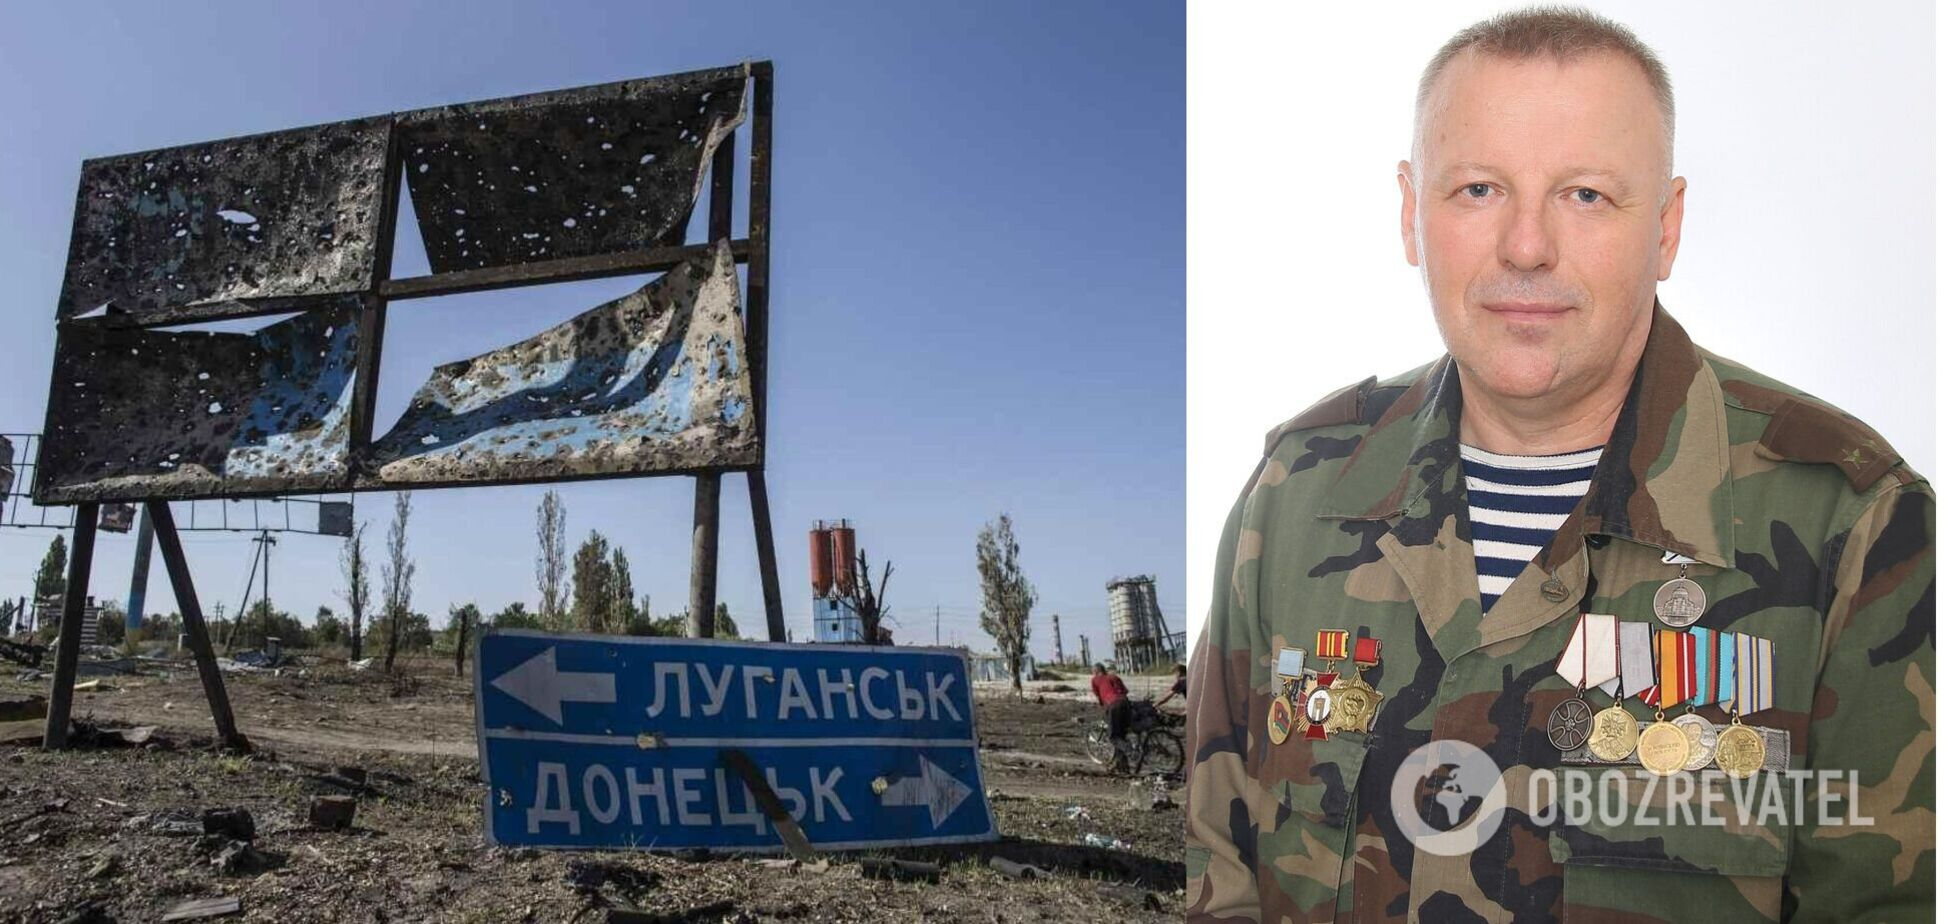 Російський ветеран, у якого друг втратив сина-'кіборга', зарікся воювати з Україною: опубліковано маніфест